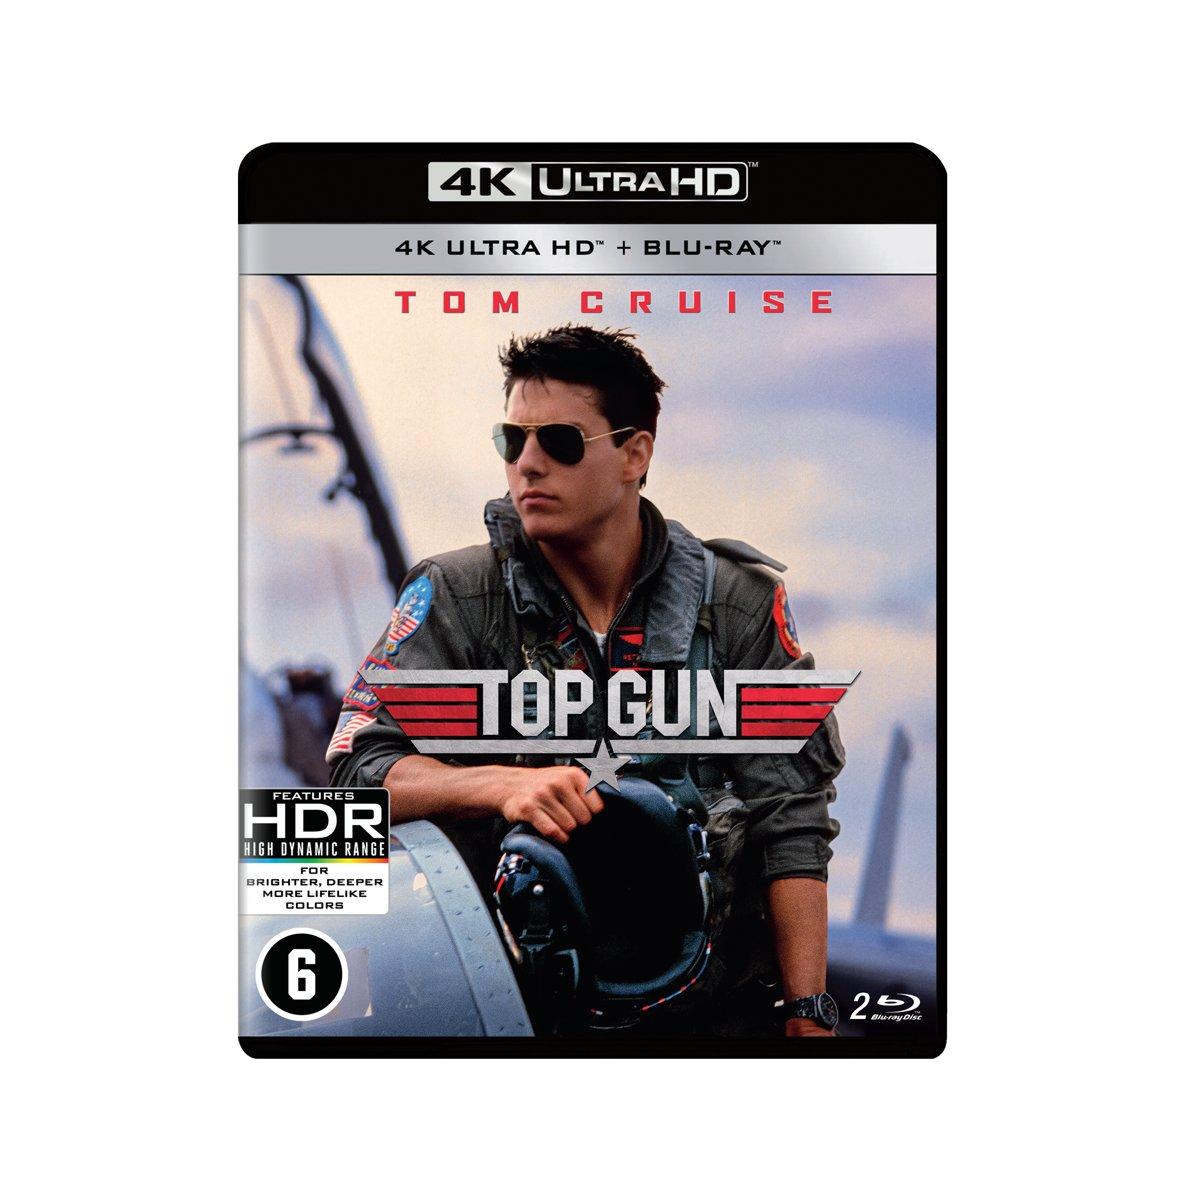 Top Gun (4K Ultra-HD Blu-Ray)-